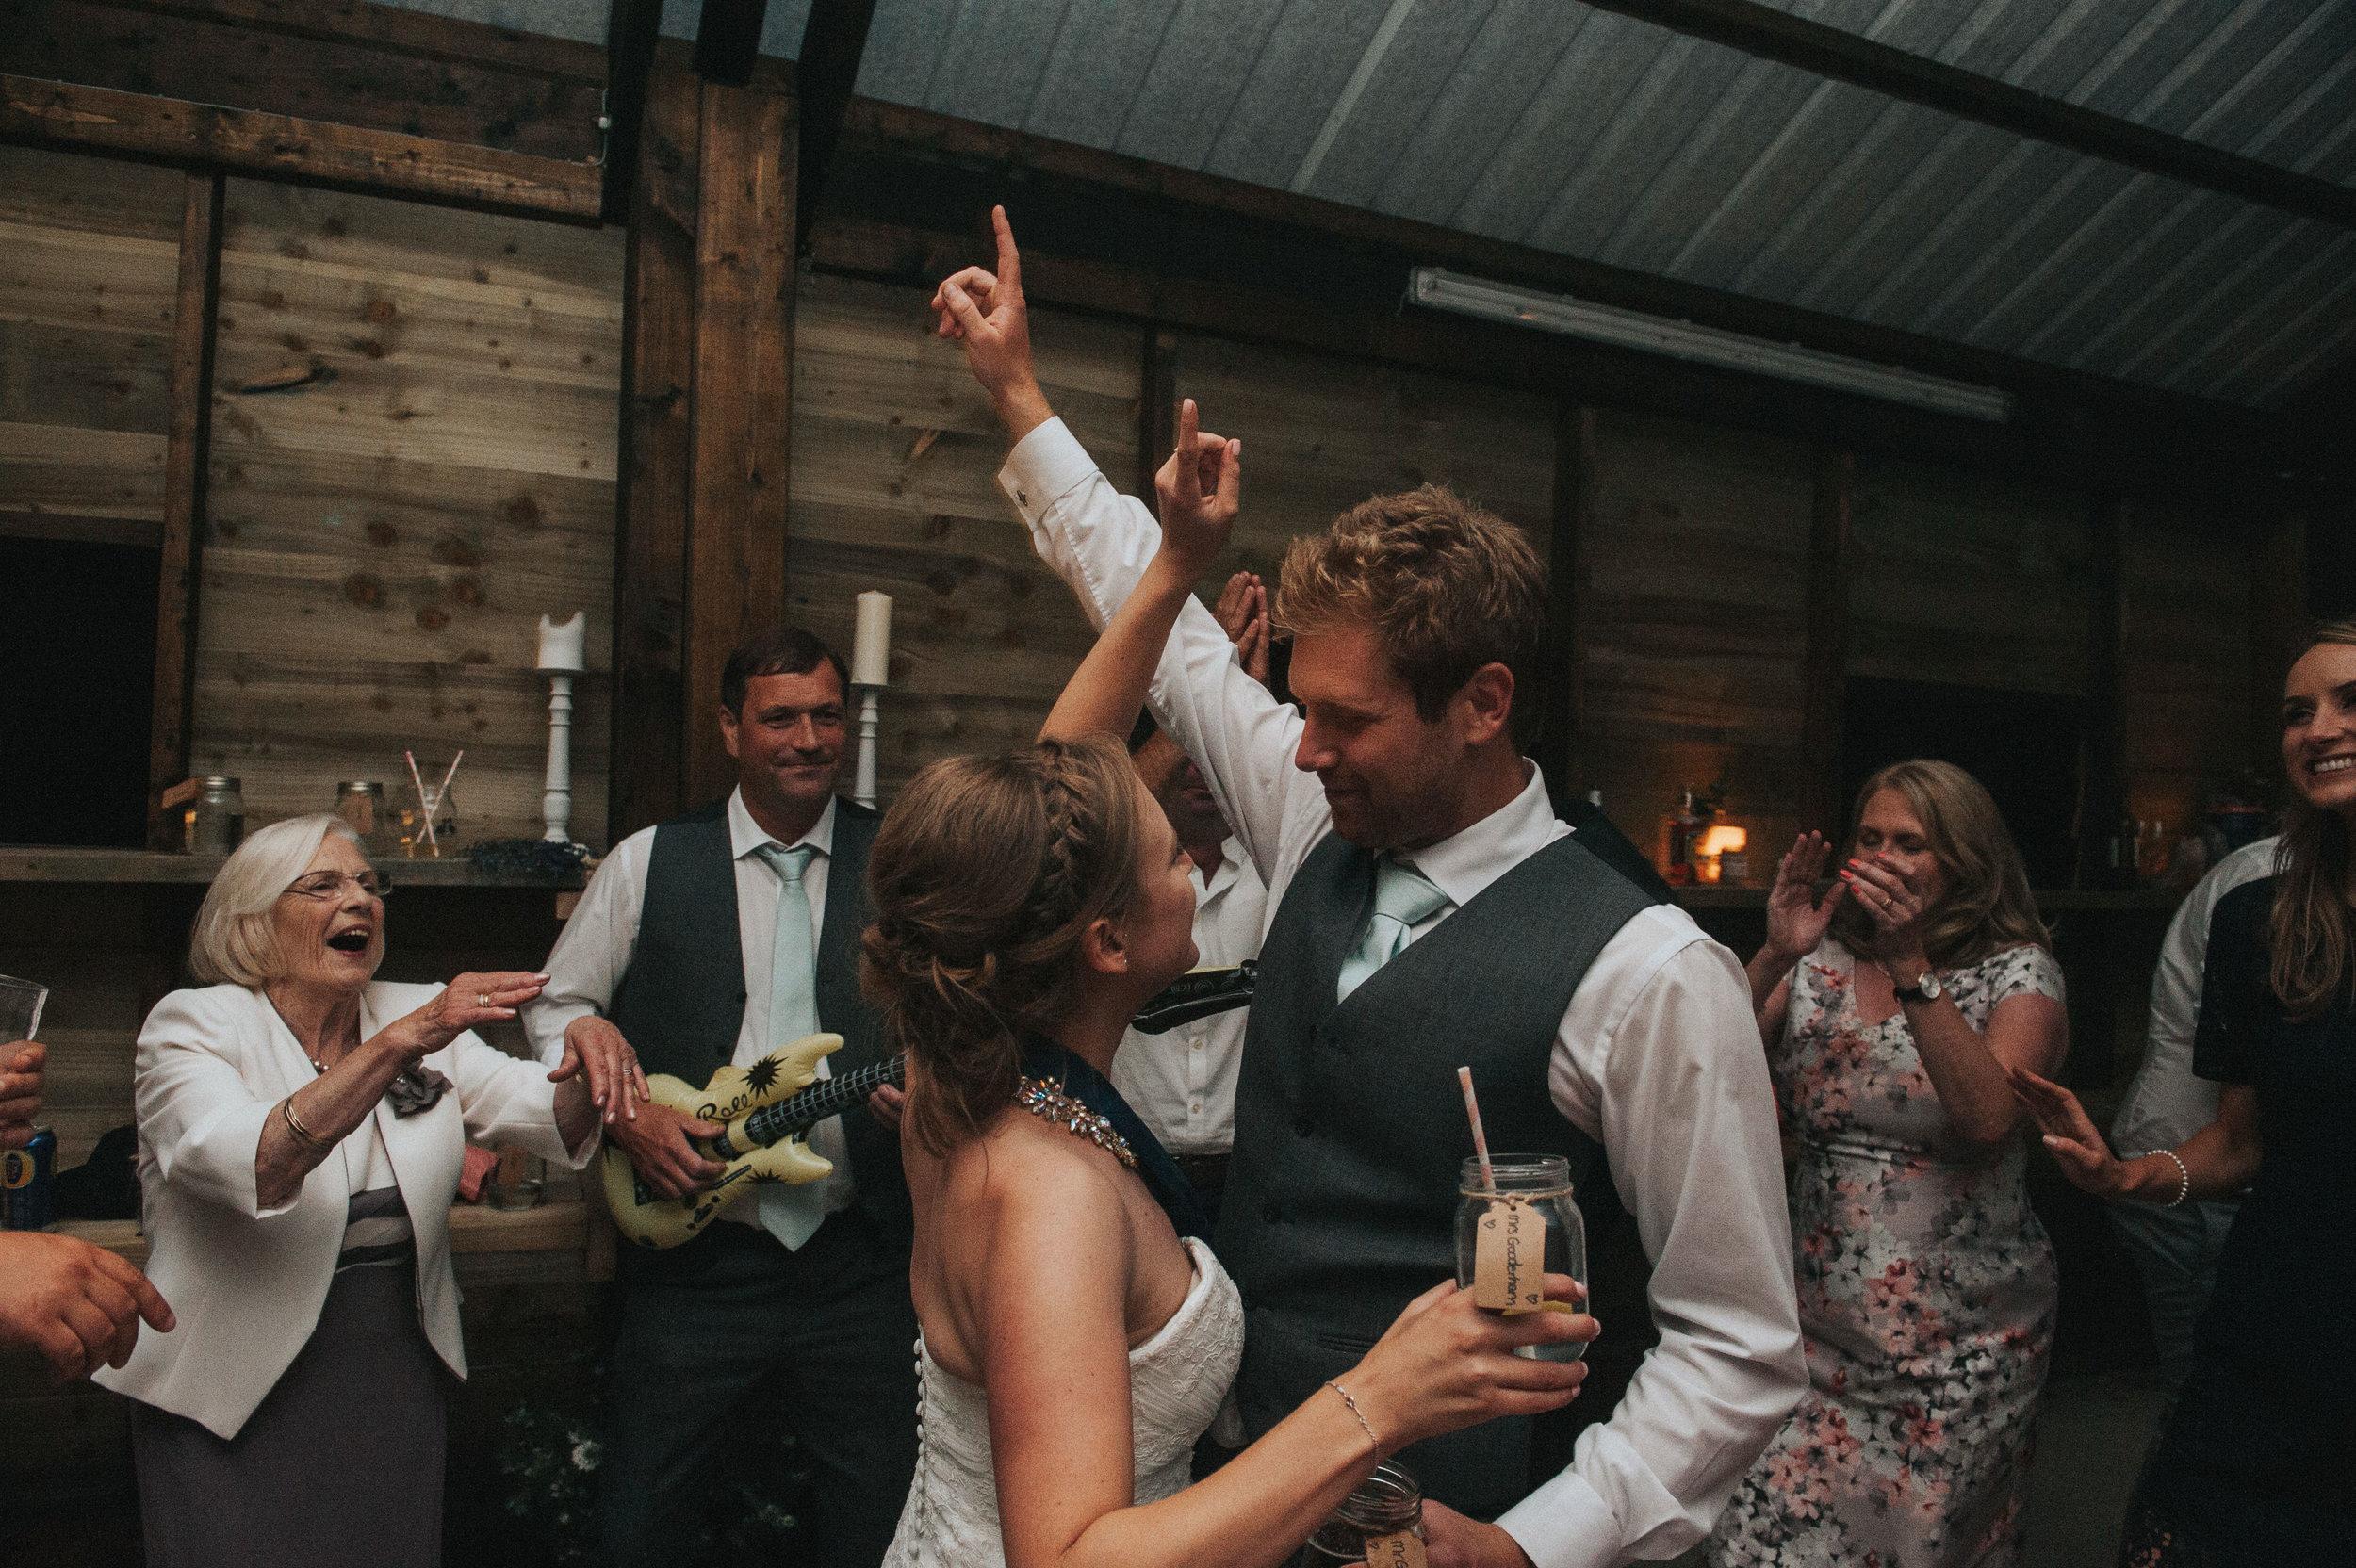 festival-farm-wedding-183.jpg